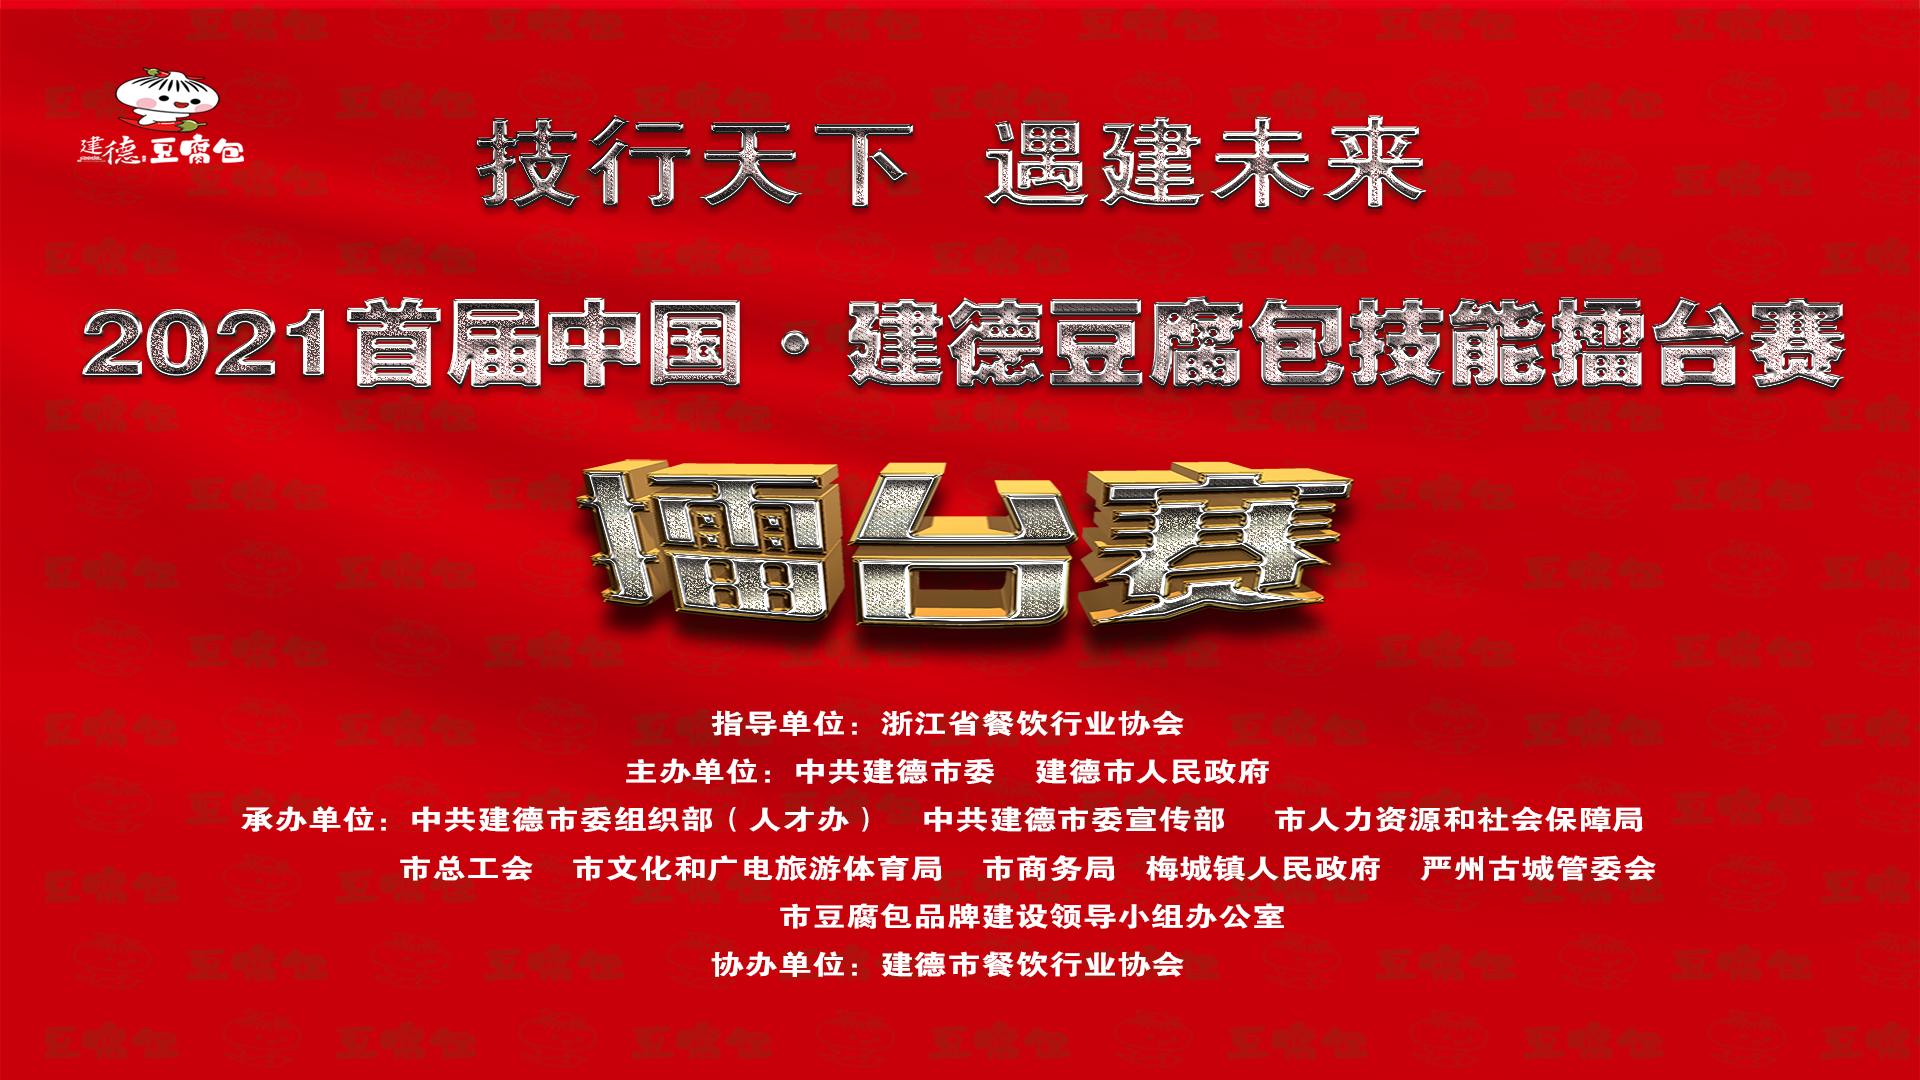 """""""技行天下 遇建未来""""2021首届中国·建德豆腐包技能擂台赛"""